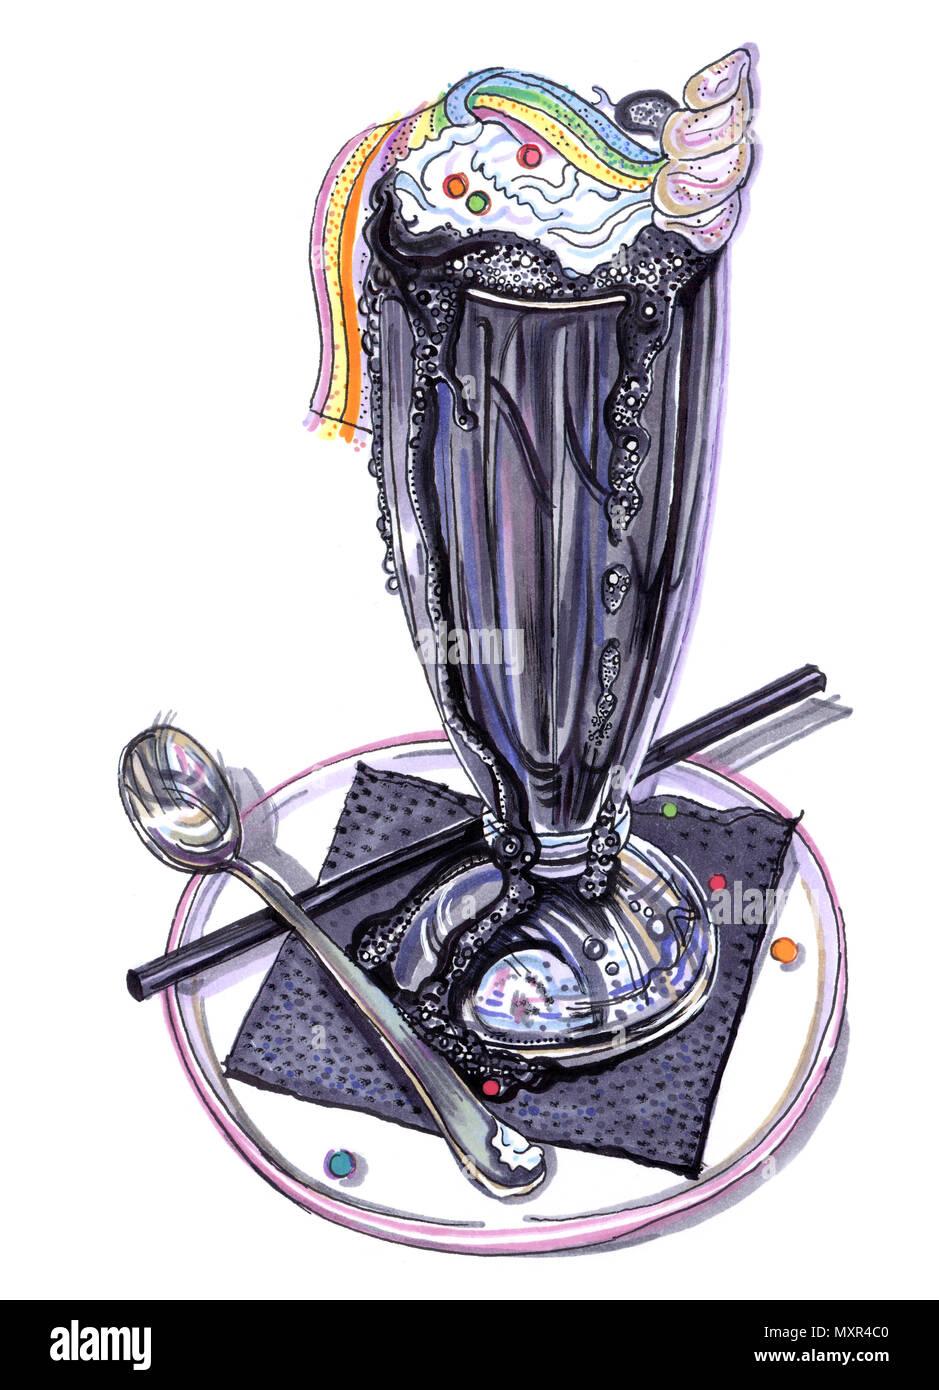 Schwarzes Eis Einhorn rainbow Milchshake. Süße Hand gezeichnet Markierstift Abbildung auf weißen Hintergrund. Trendy Pastelltönen goth Sommer Nachtisch. Stockbild